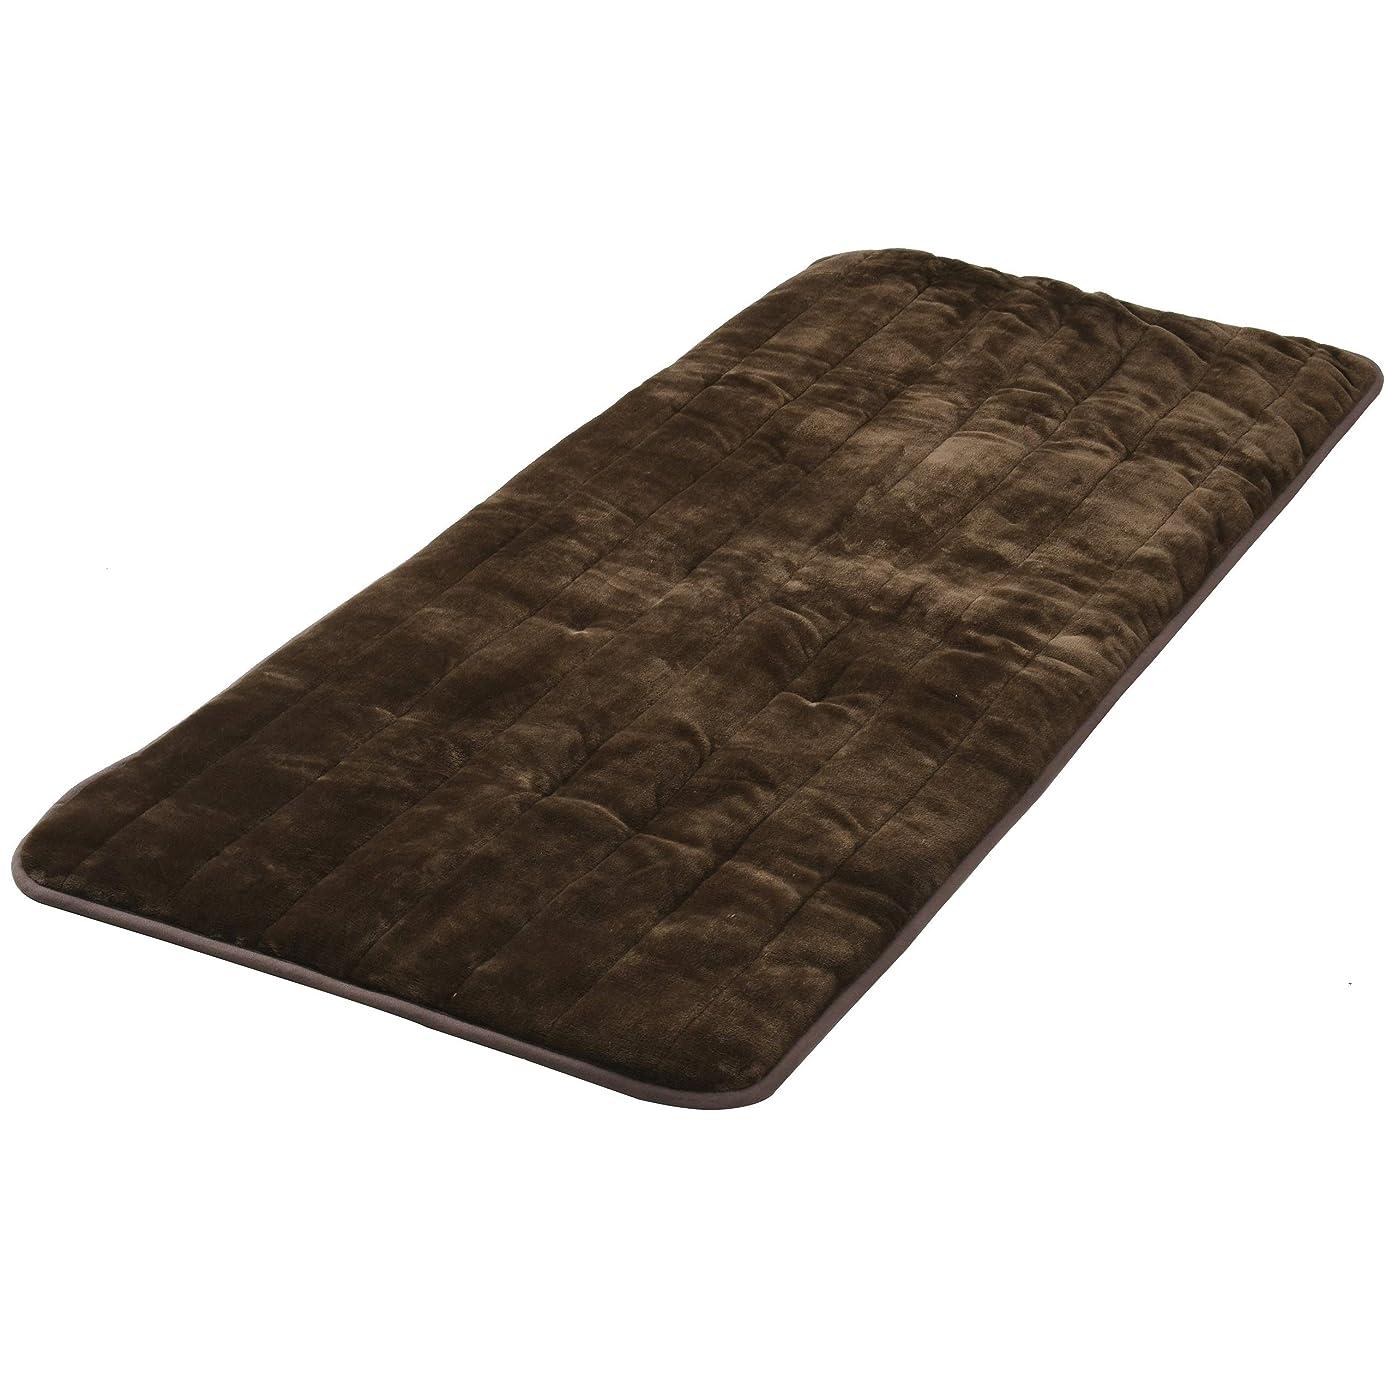 改修曲げる欠伸山善 洗えるどこでもカーペット(180×80cm) フランネル仕上げ 室温センサー付 ブラウン YWC-182F(T)